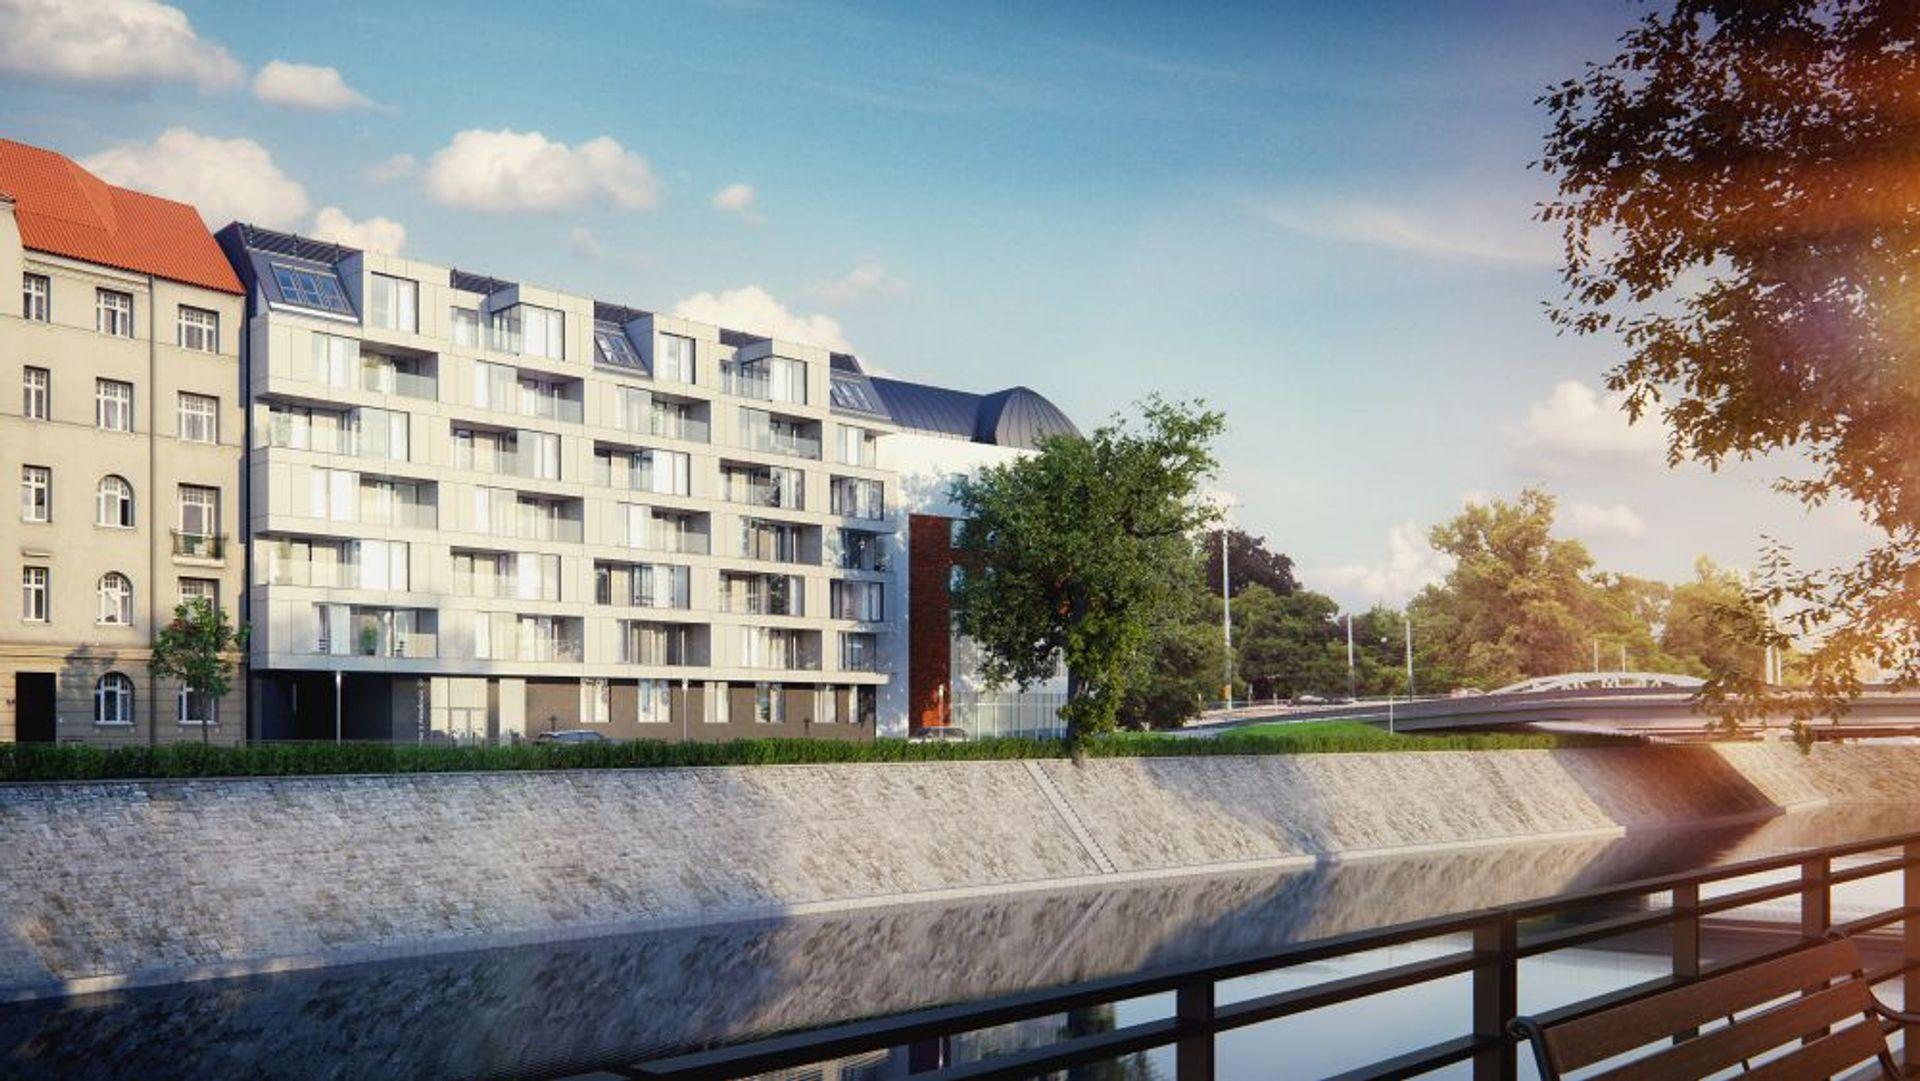 [Wrocław] Apartamentowiec Zyndrama podąża za trendami ekologicznego budownictwa